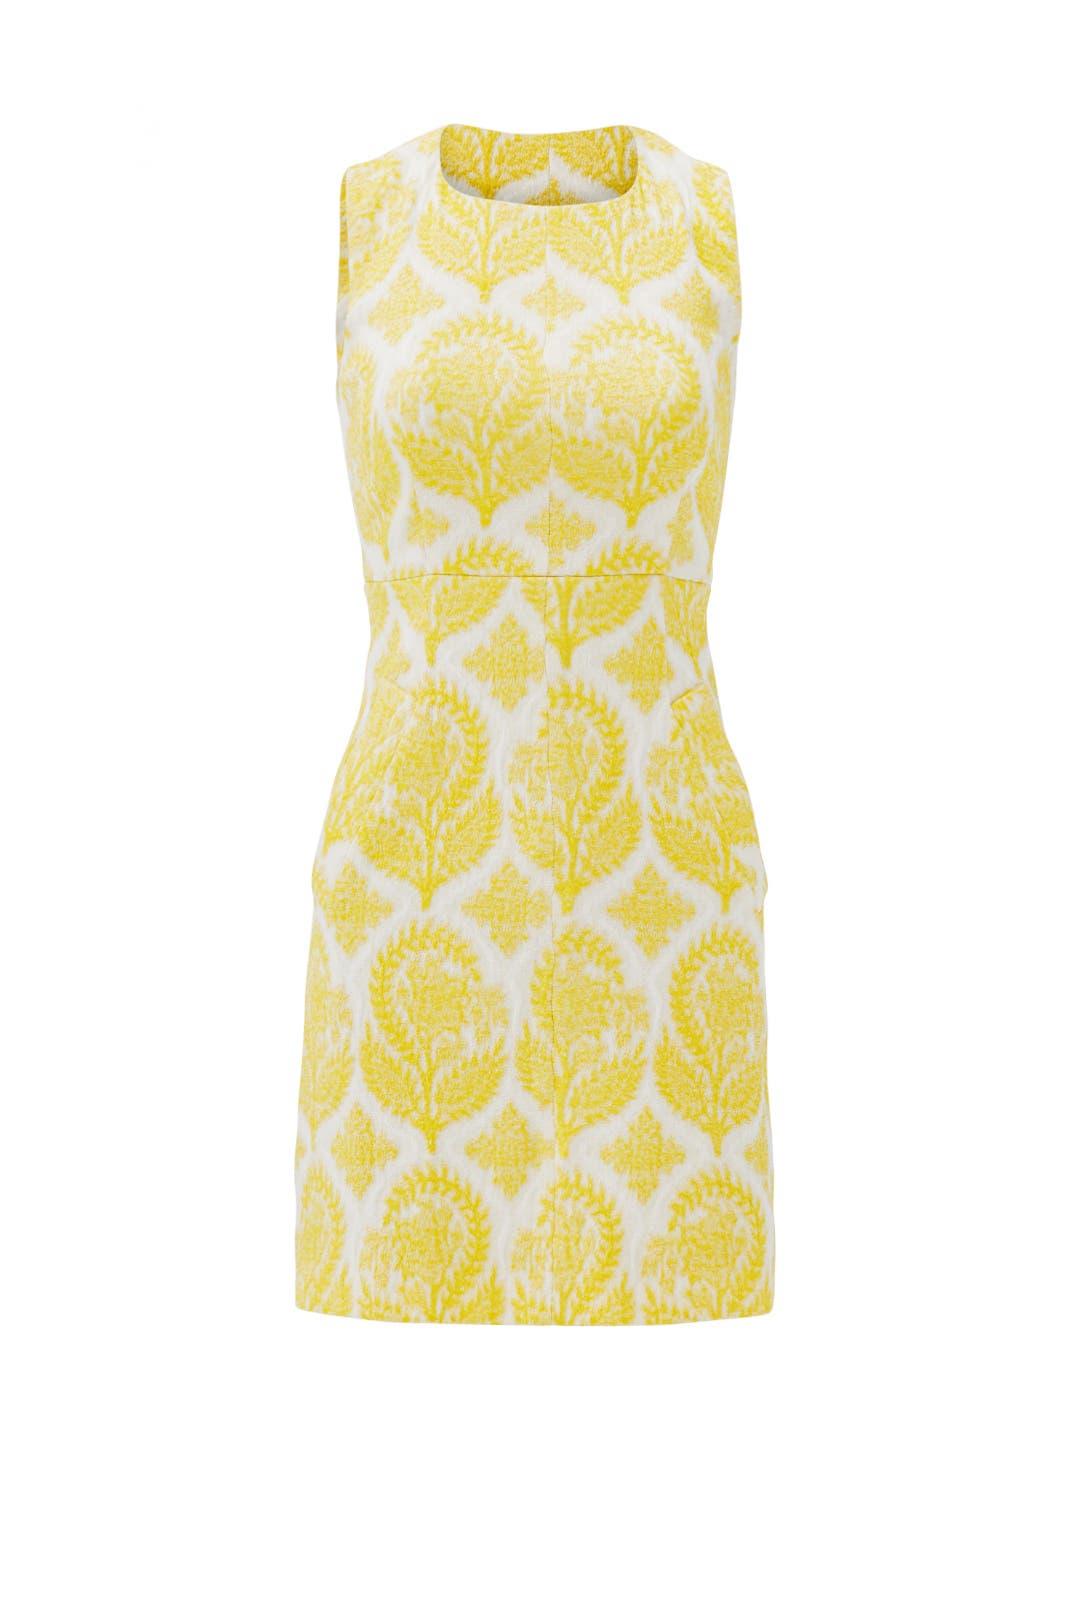 Lemon Meringue Sheath by Diane von Furstenberg